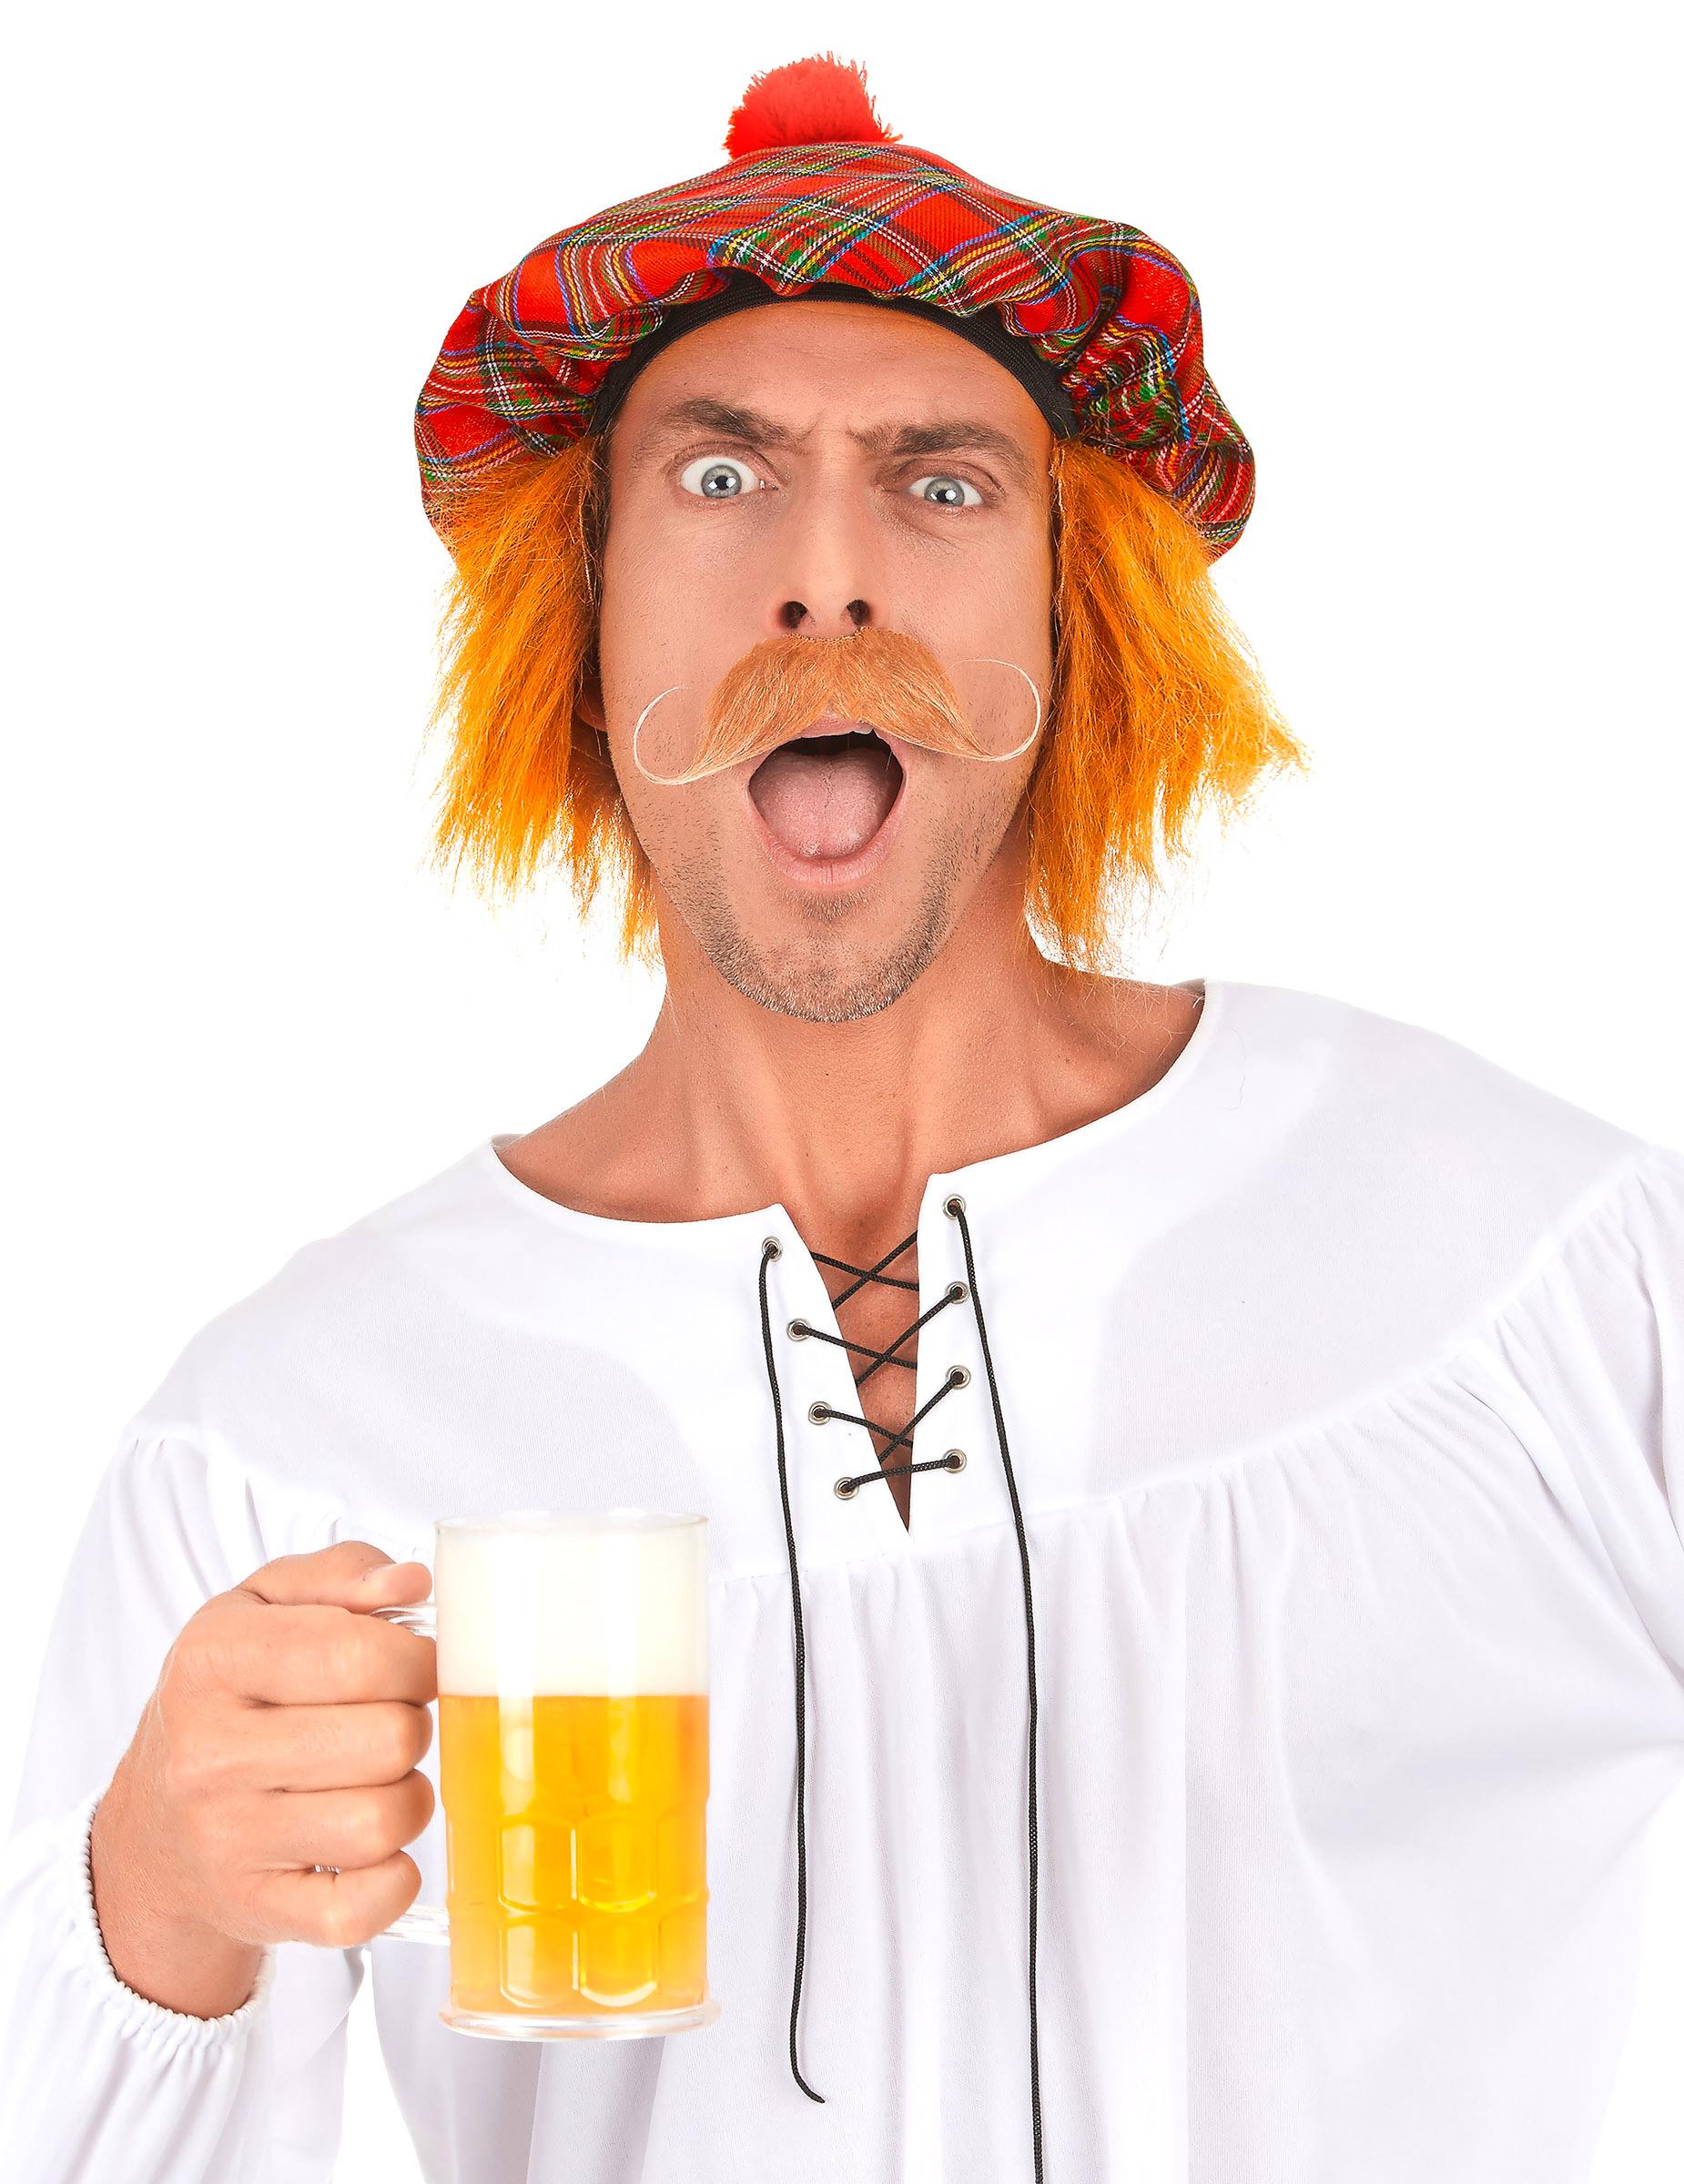 827ad0c22cf07 Boina escocesa para adulto  Sombreros